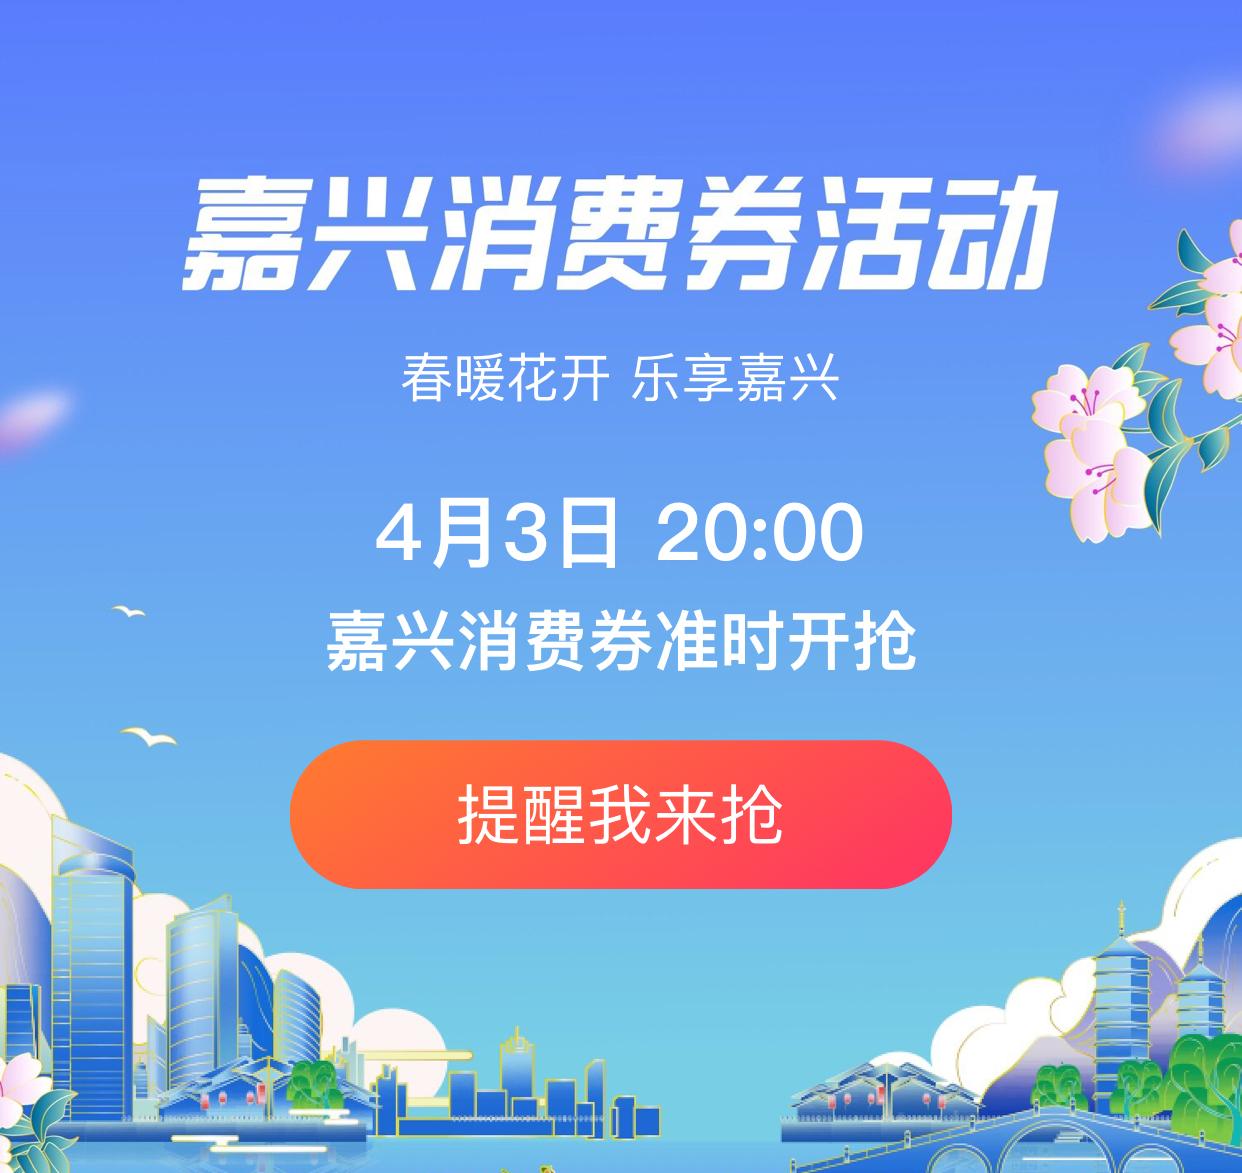 2020浙江嘉兴2亿消费券领取时间+领取入口+使用方法